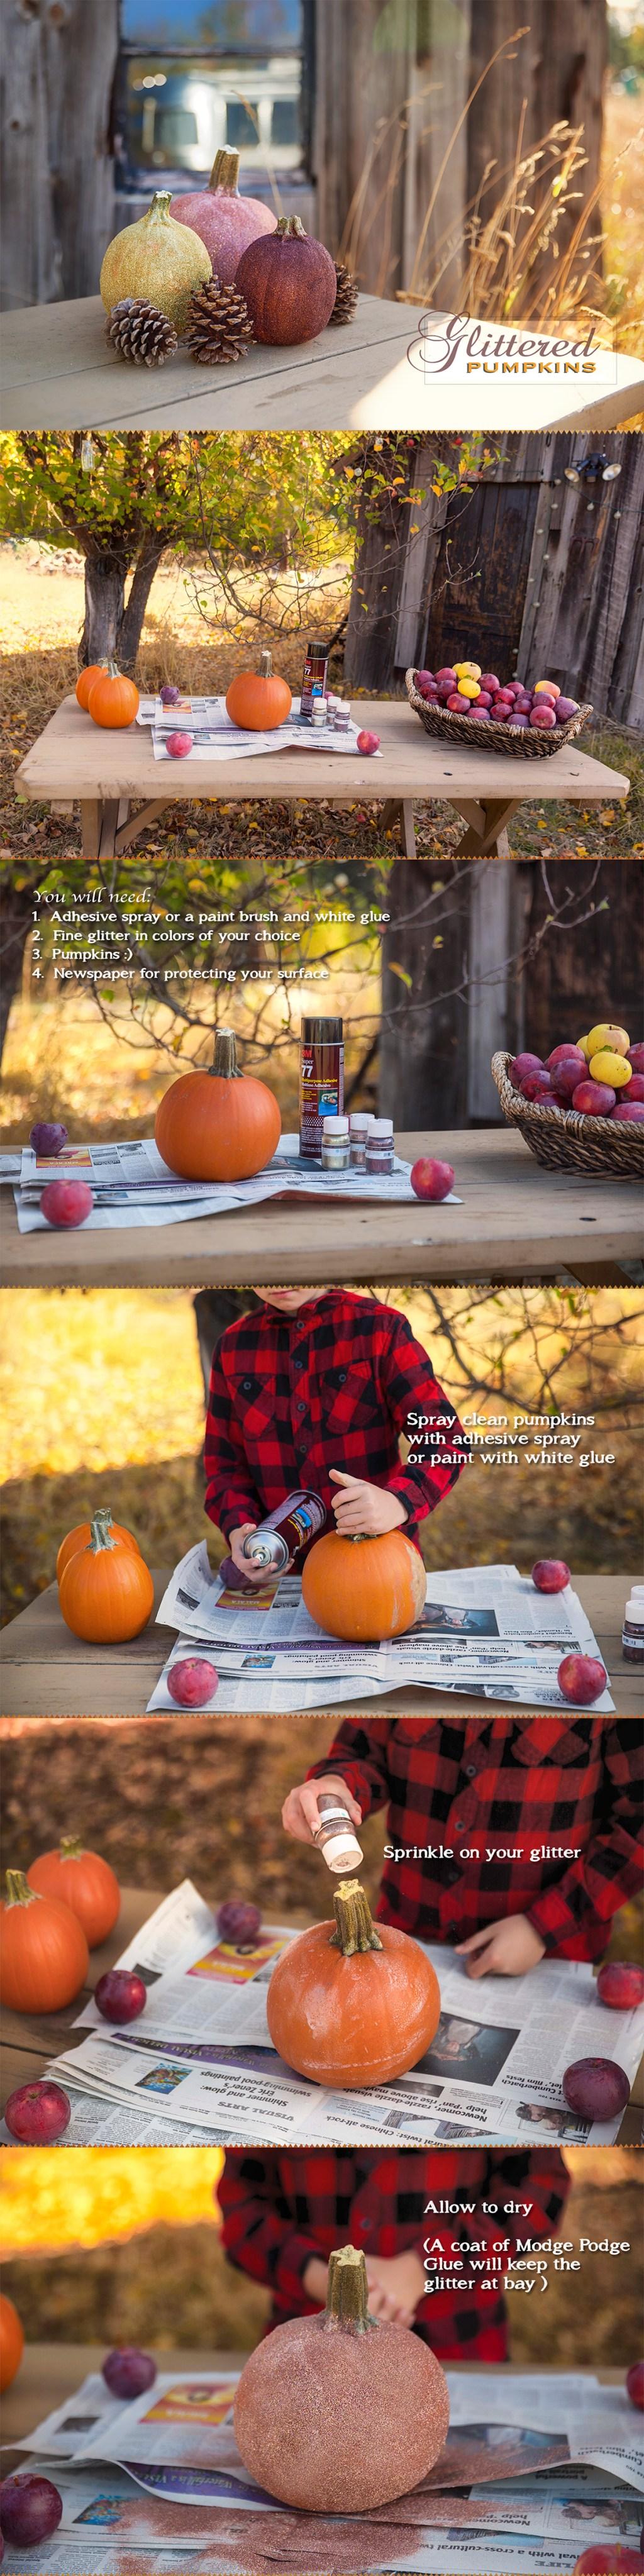 Glitter Pumpkins via J5MM.com // #Airstream #GoRVing